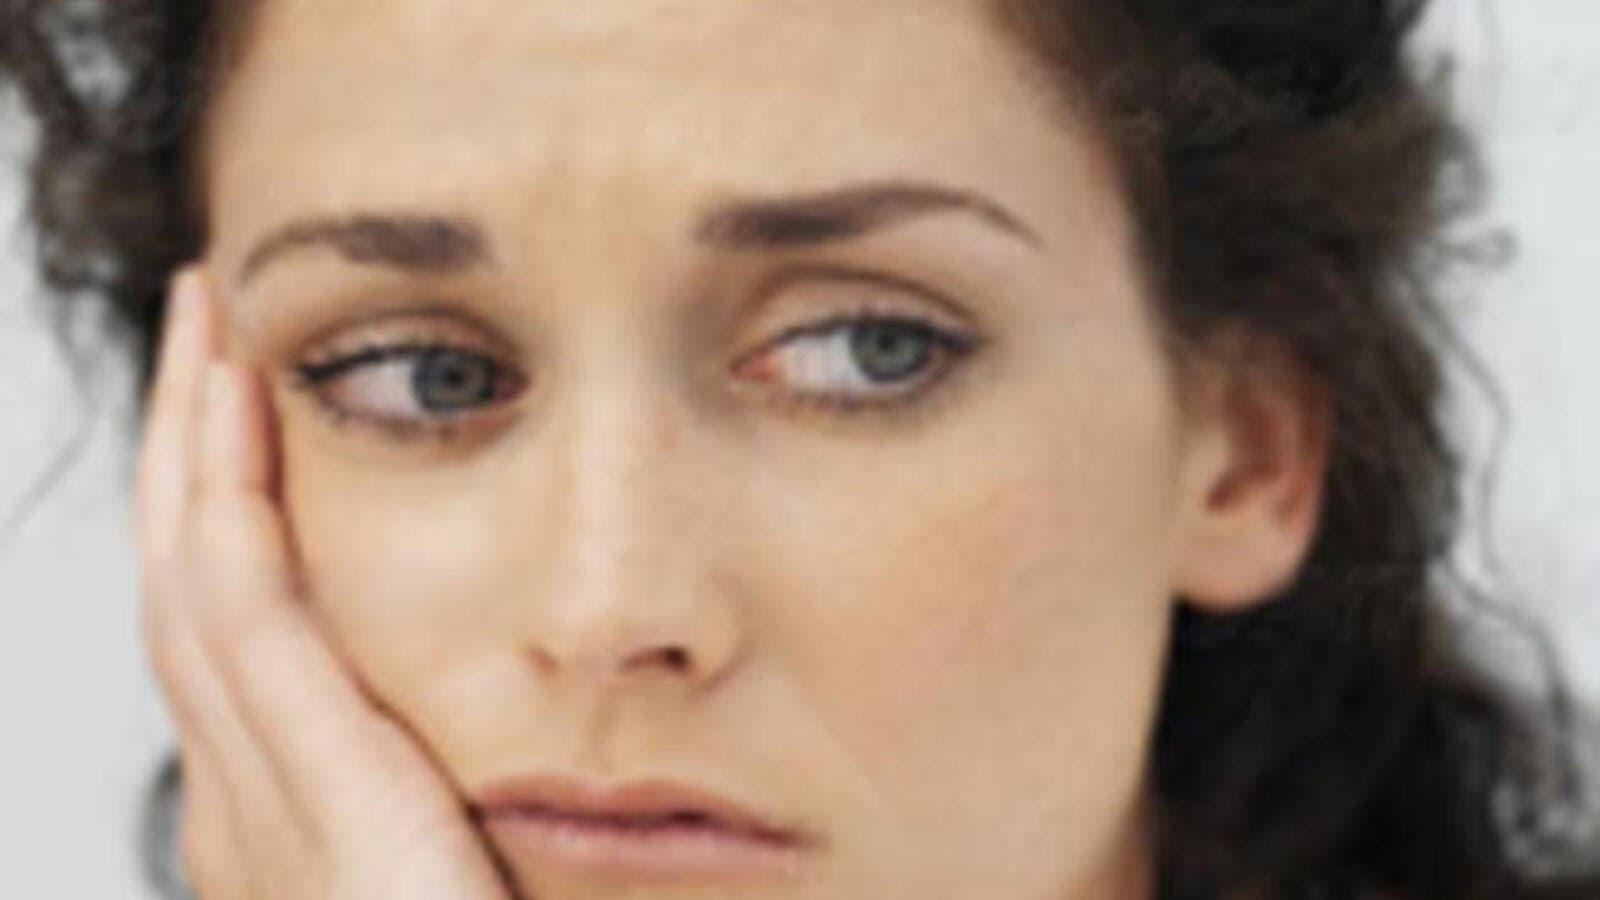 b140857ee7700 سبعة أسباب تدفع المرأة لفقدان رغبتها الجنسية